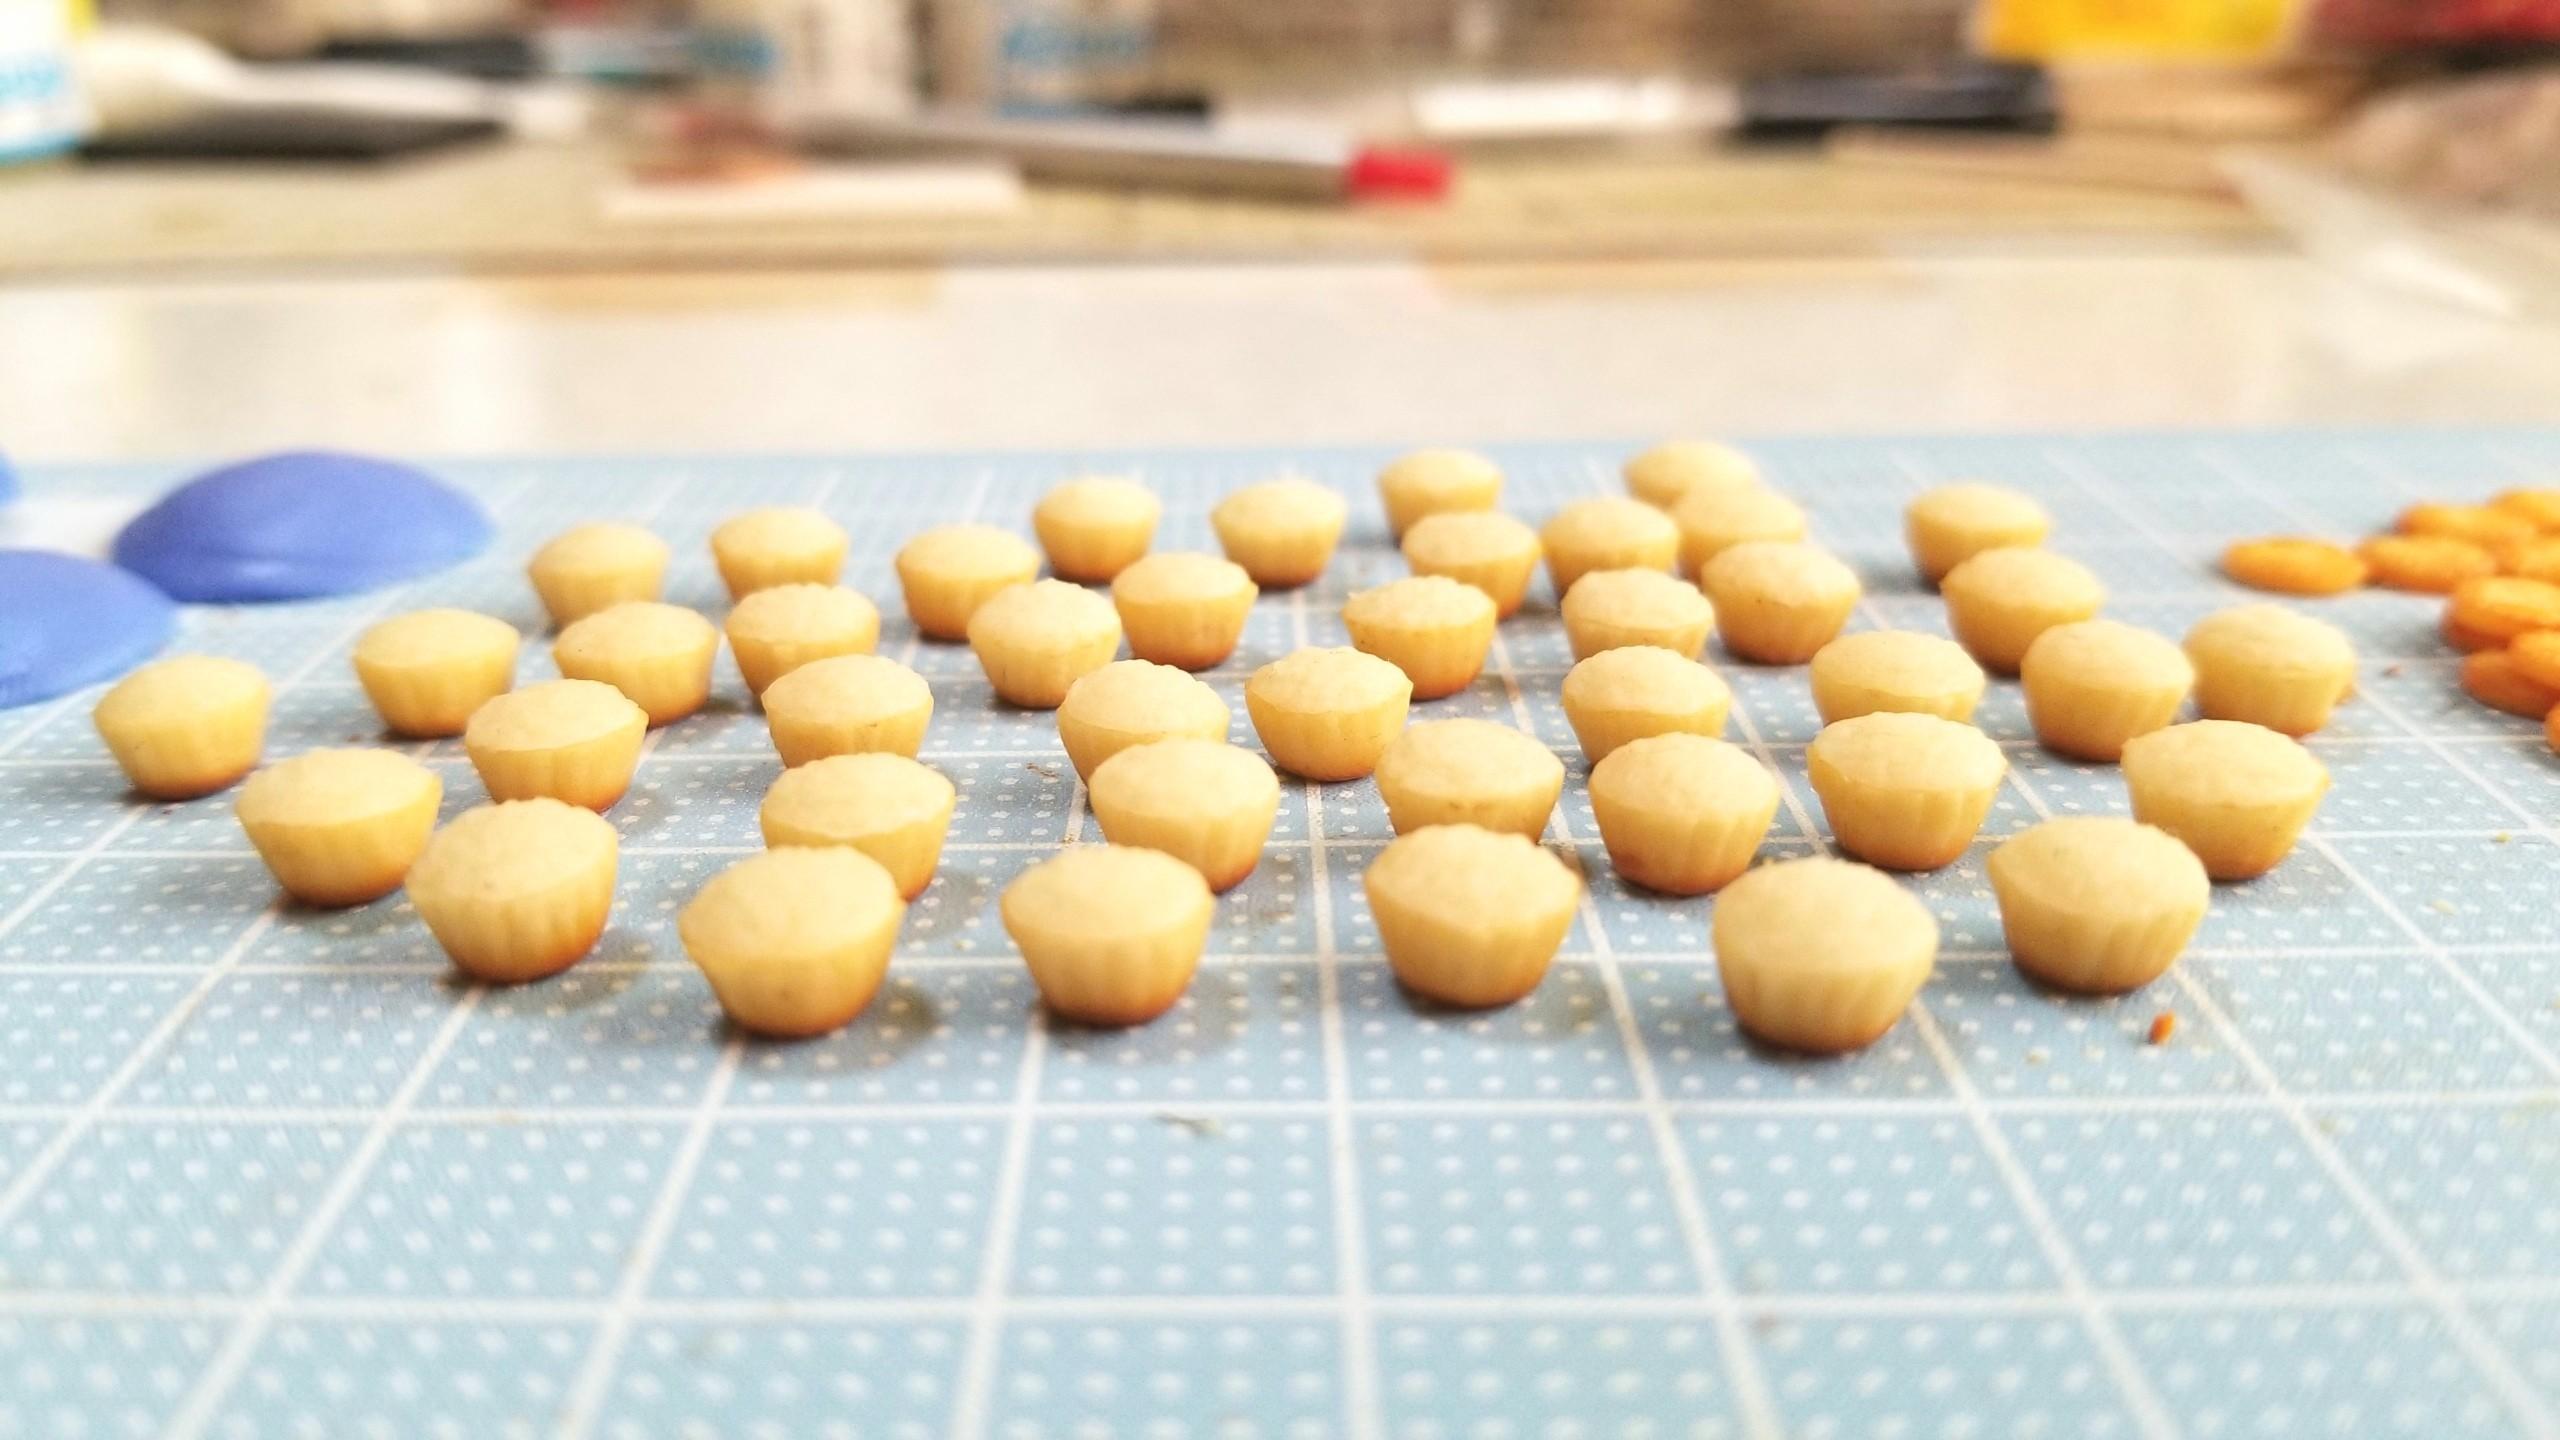 プチカップケーキ,作り方,ミニチュア,粘土,ねんどろいど,シルバニア